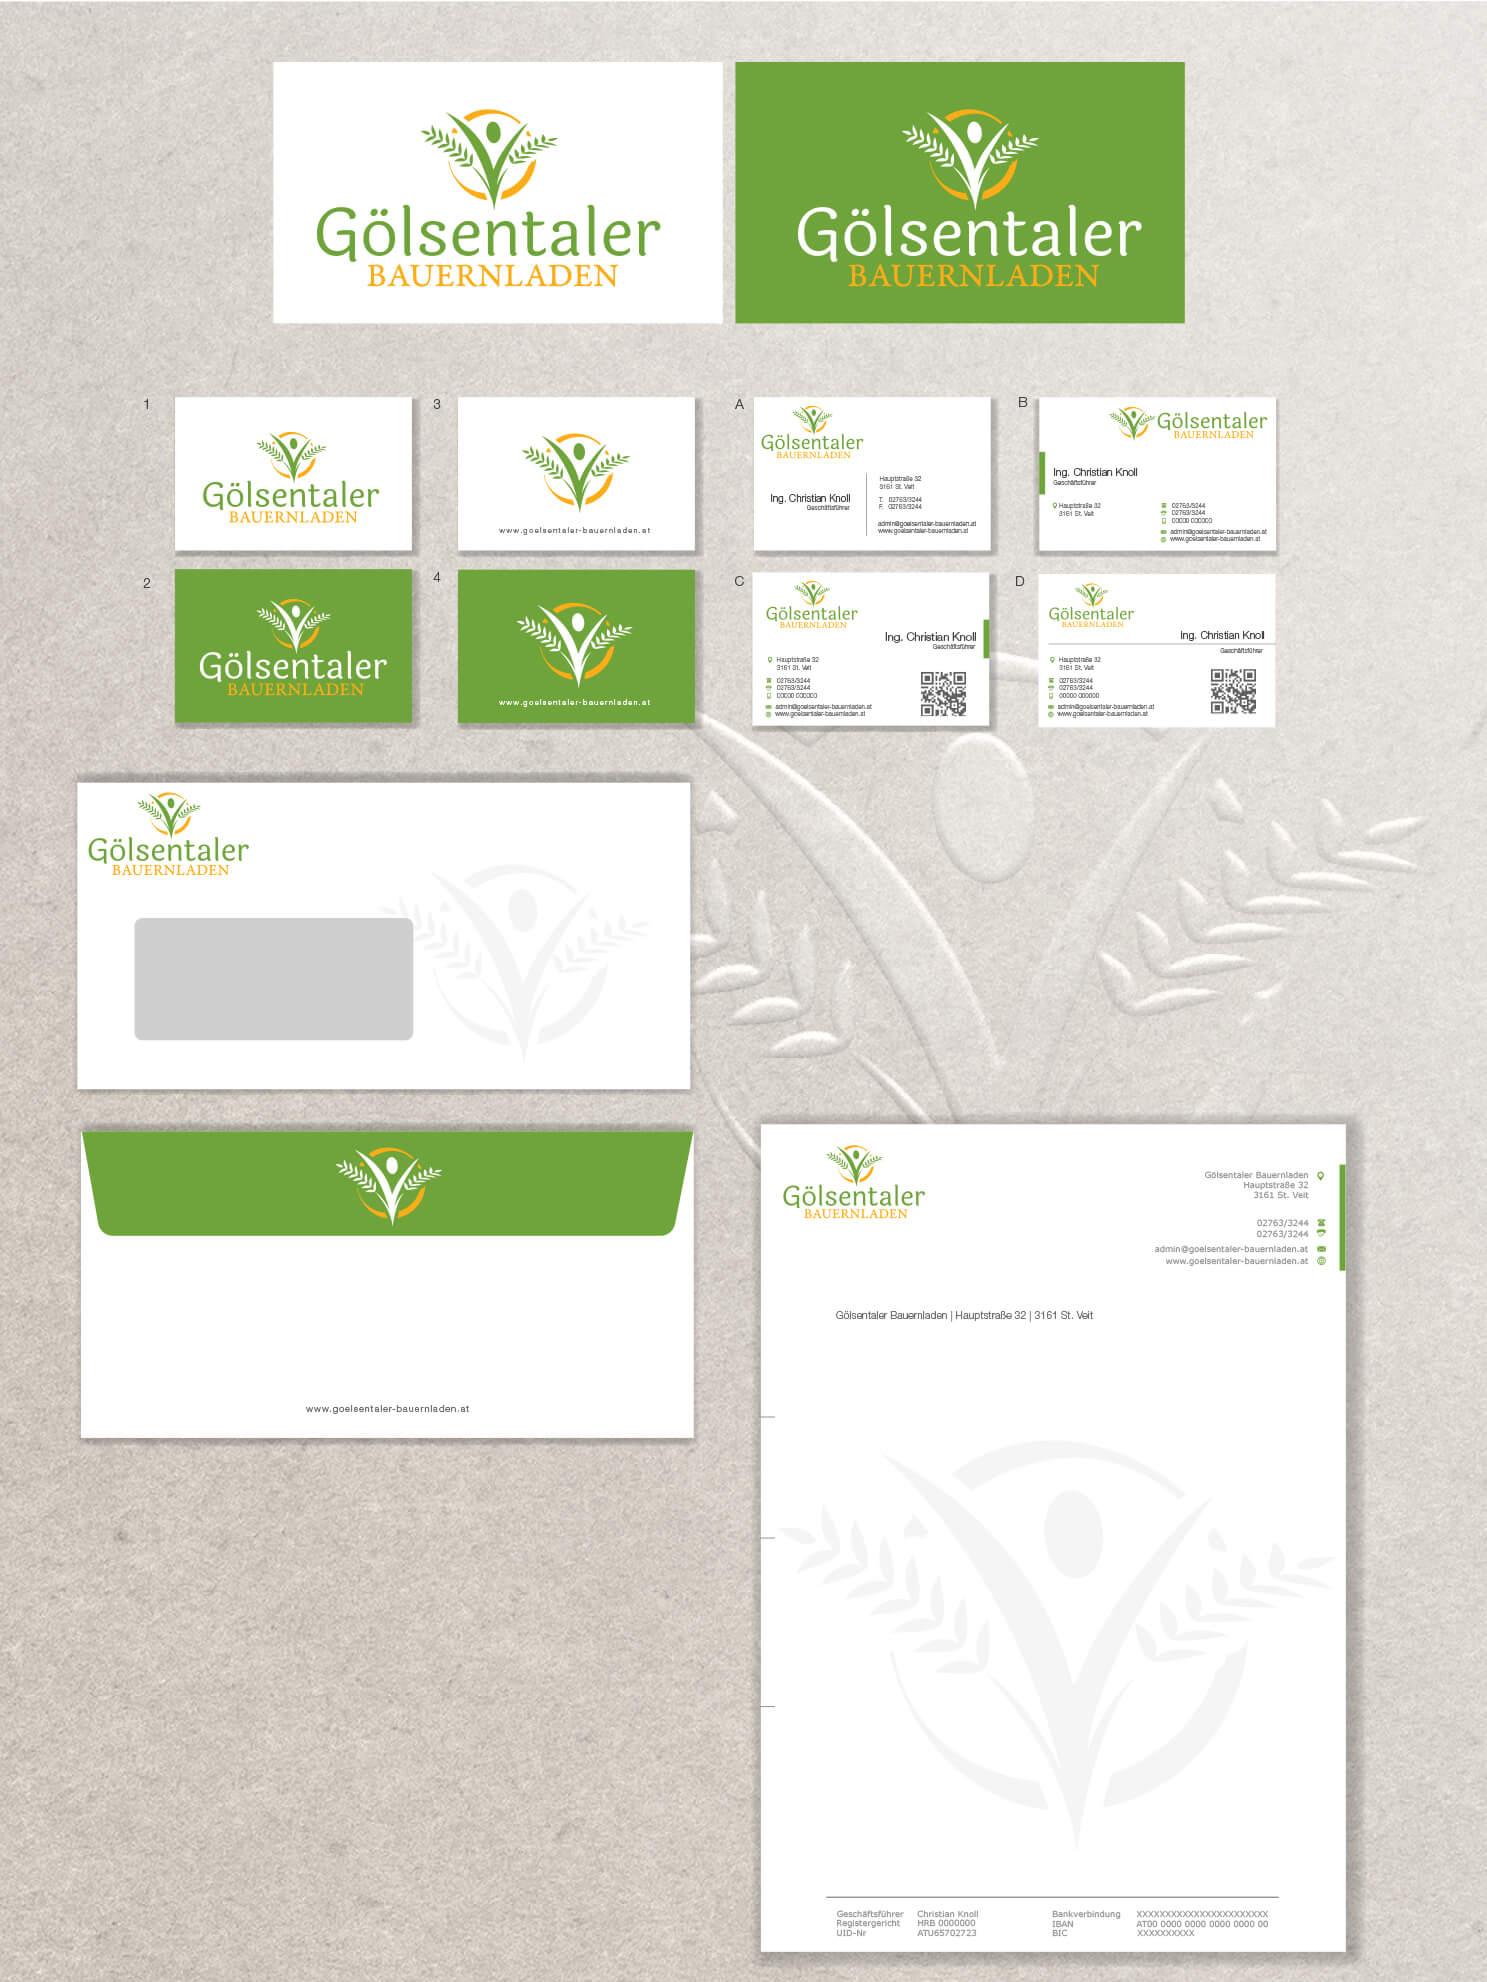 Corporate Design Beispiel Gölsentaler Bauernladen, Bildquelle: designenlassen.de